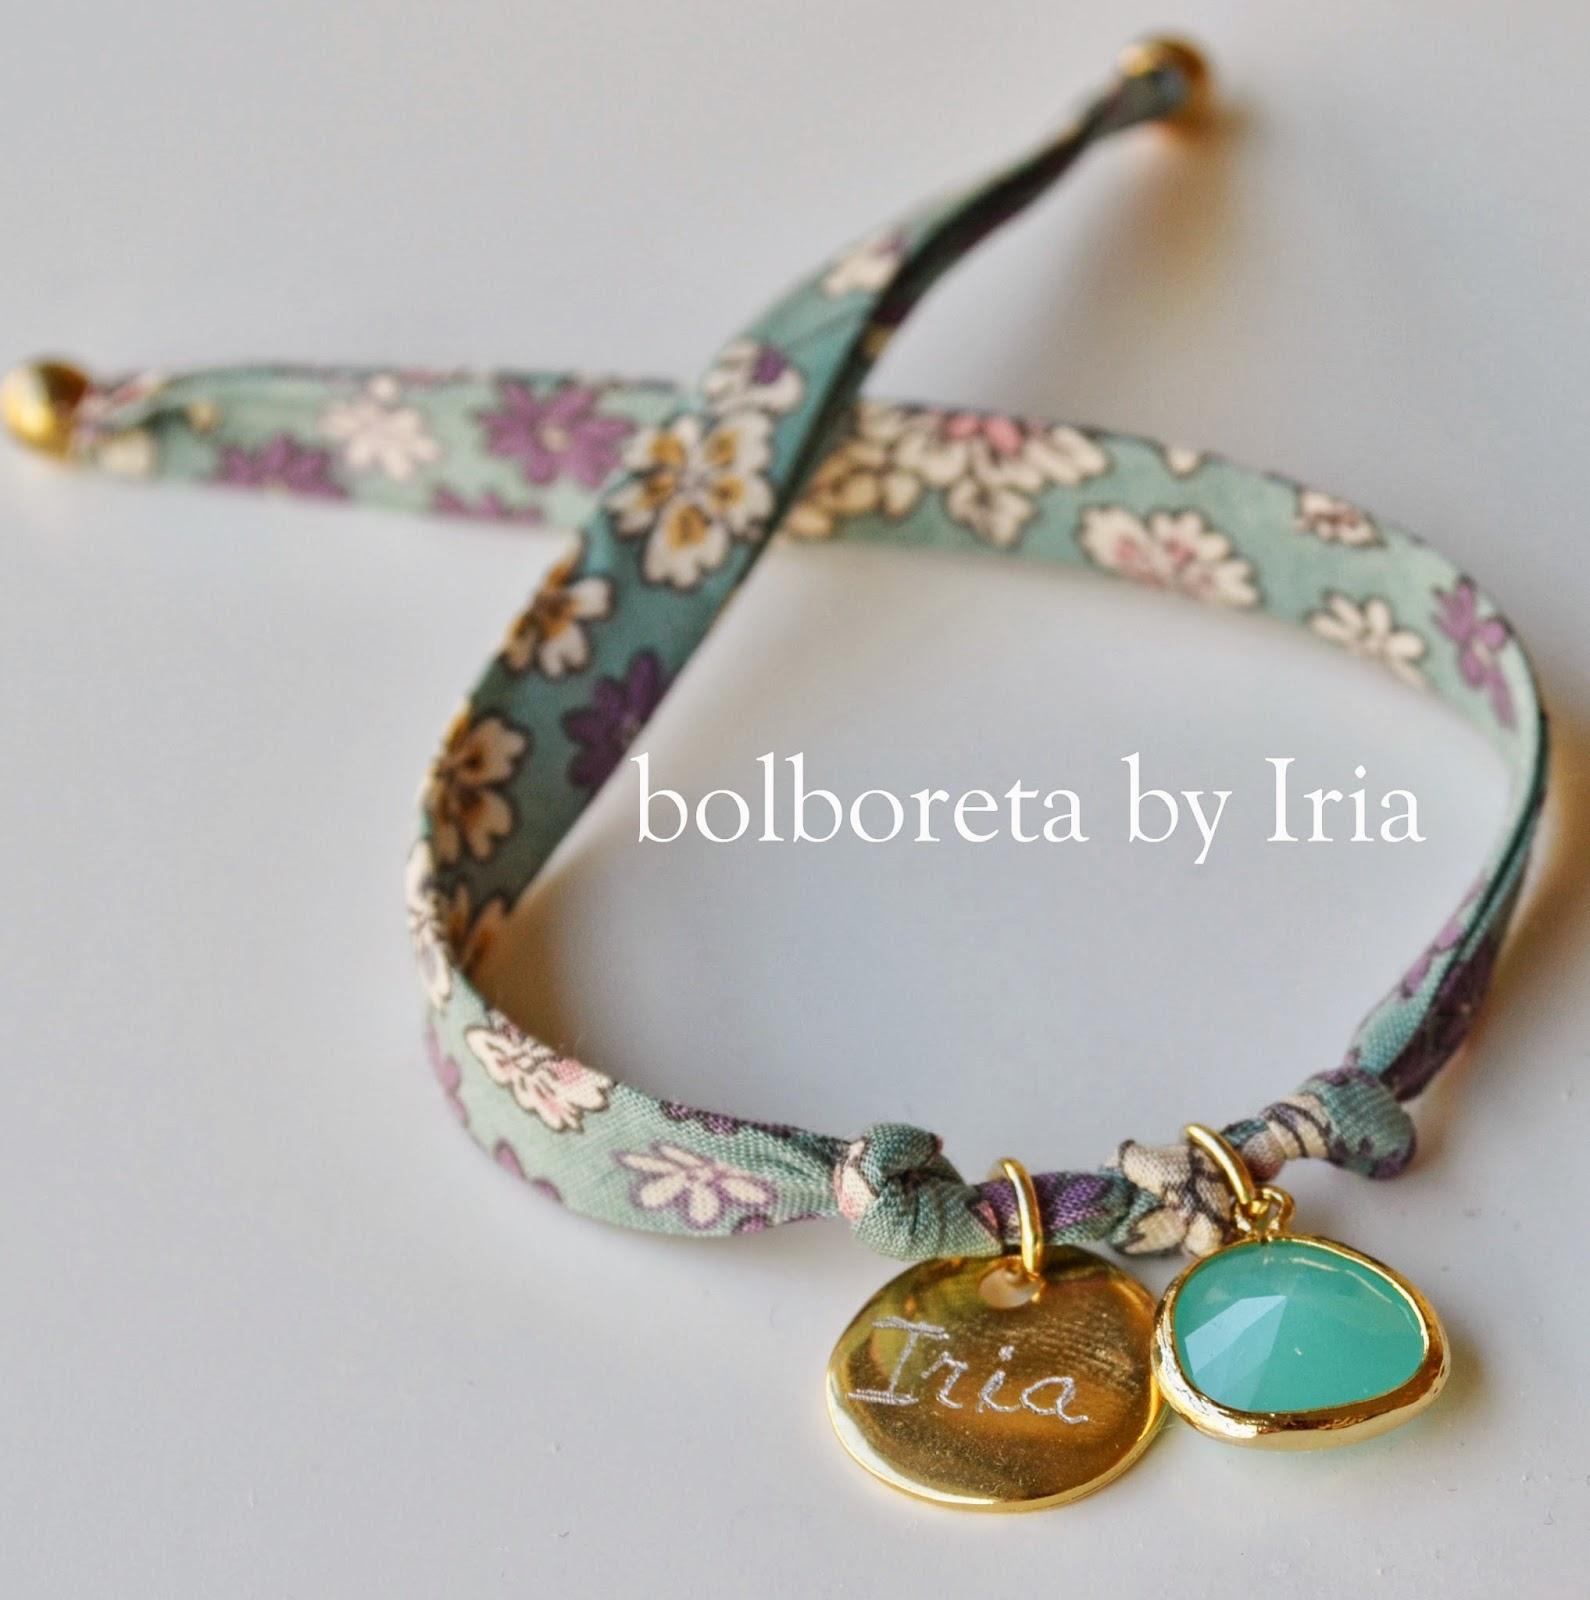 8e6c05839969 Bolboreta by Iria (complementos)  Pulsera de tela liberty con ágatha ...